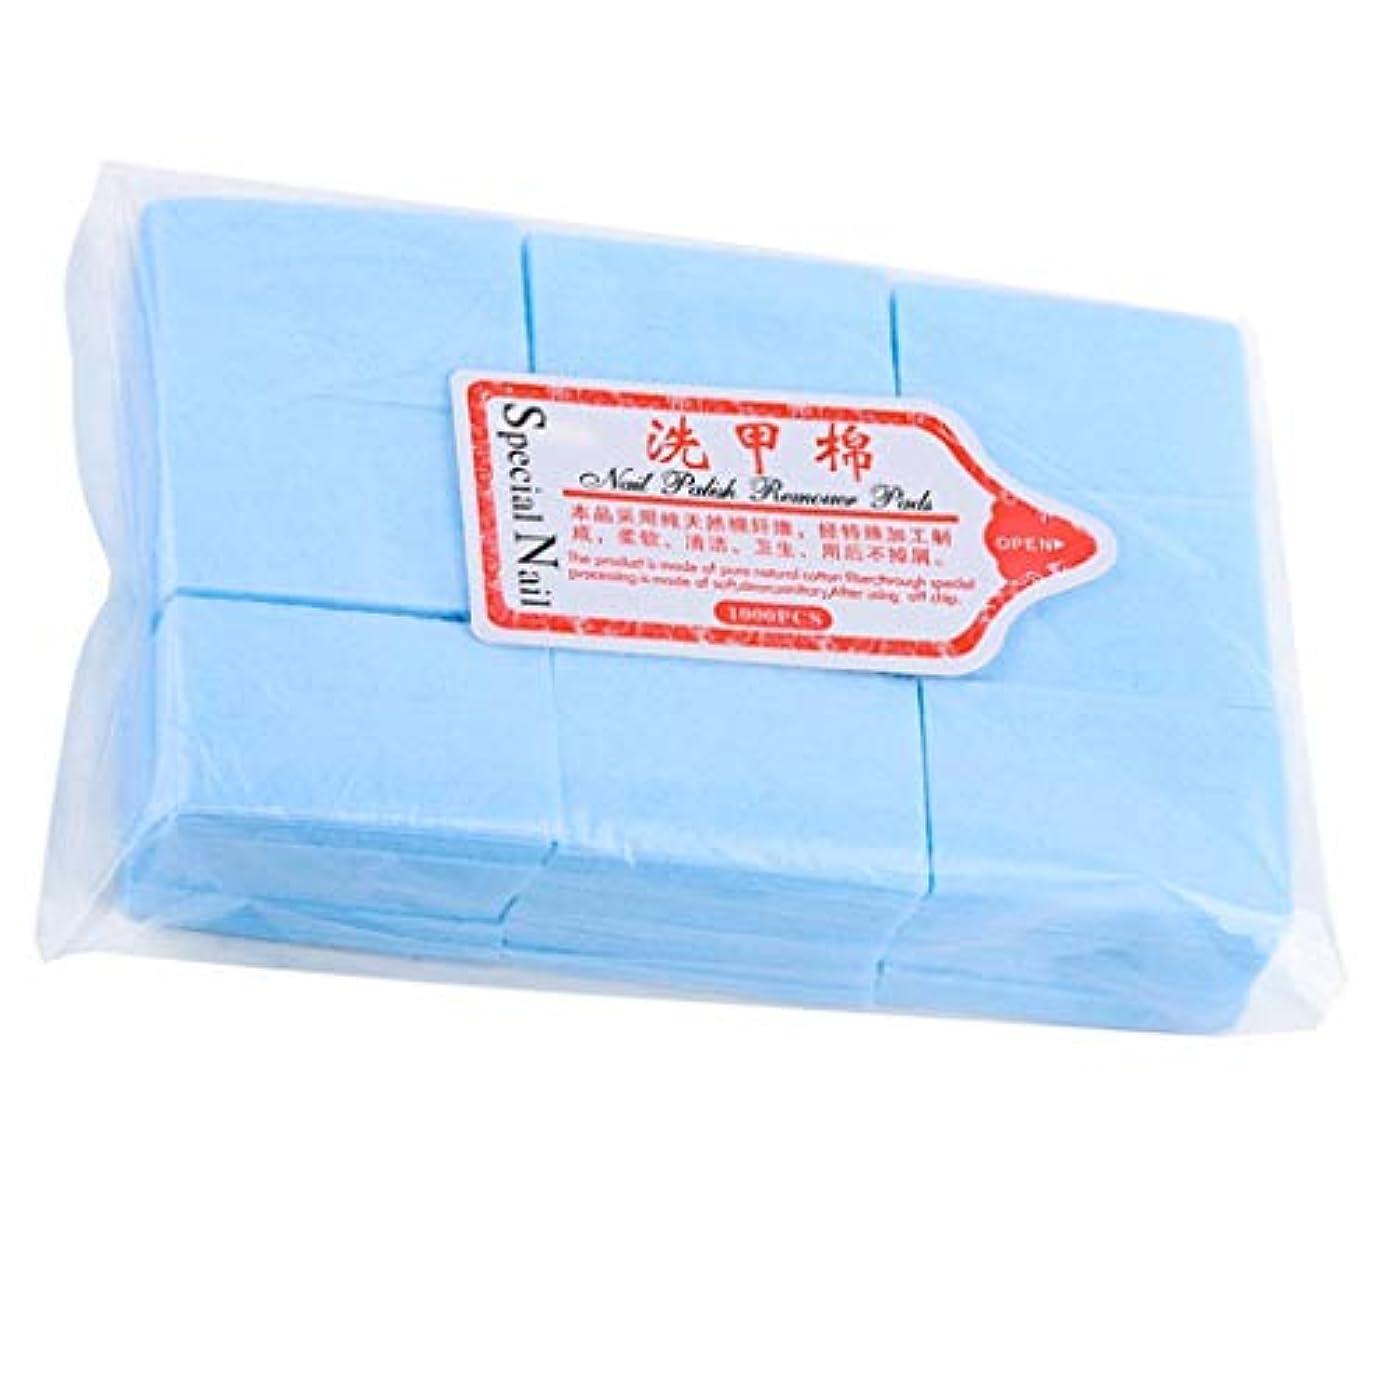 スーパーマーケットペストリーヒロインSharplace ネイルワイプ コットンパッド 使い捨て 化粧コットン クレンジングシート メイク落とし 全4色 - ブルー